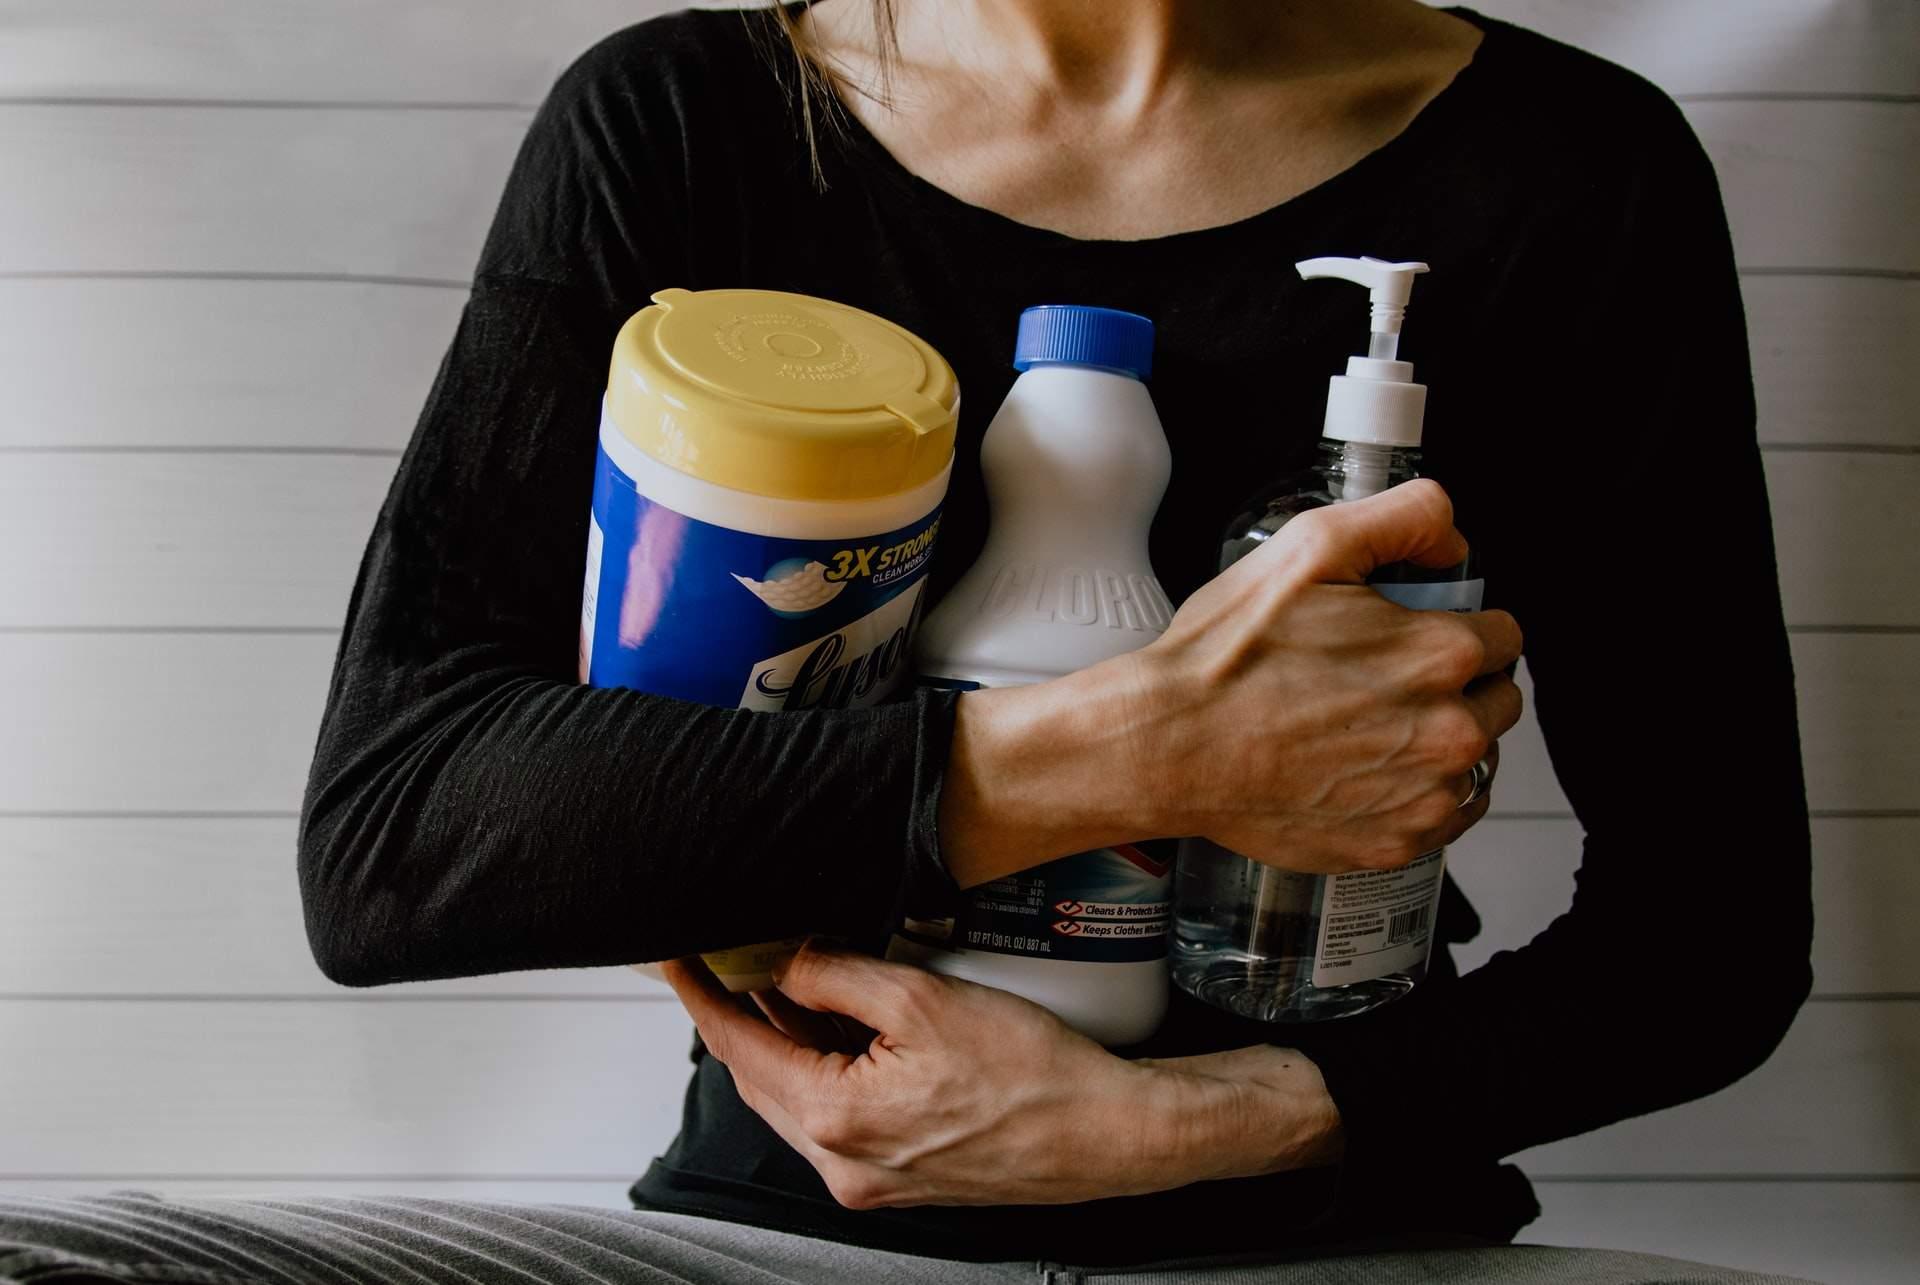 Hygiene Myths you should Avoid